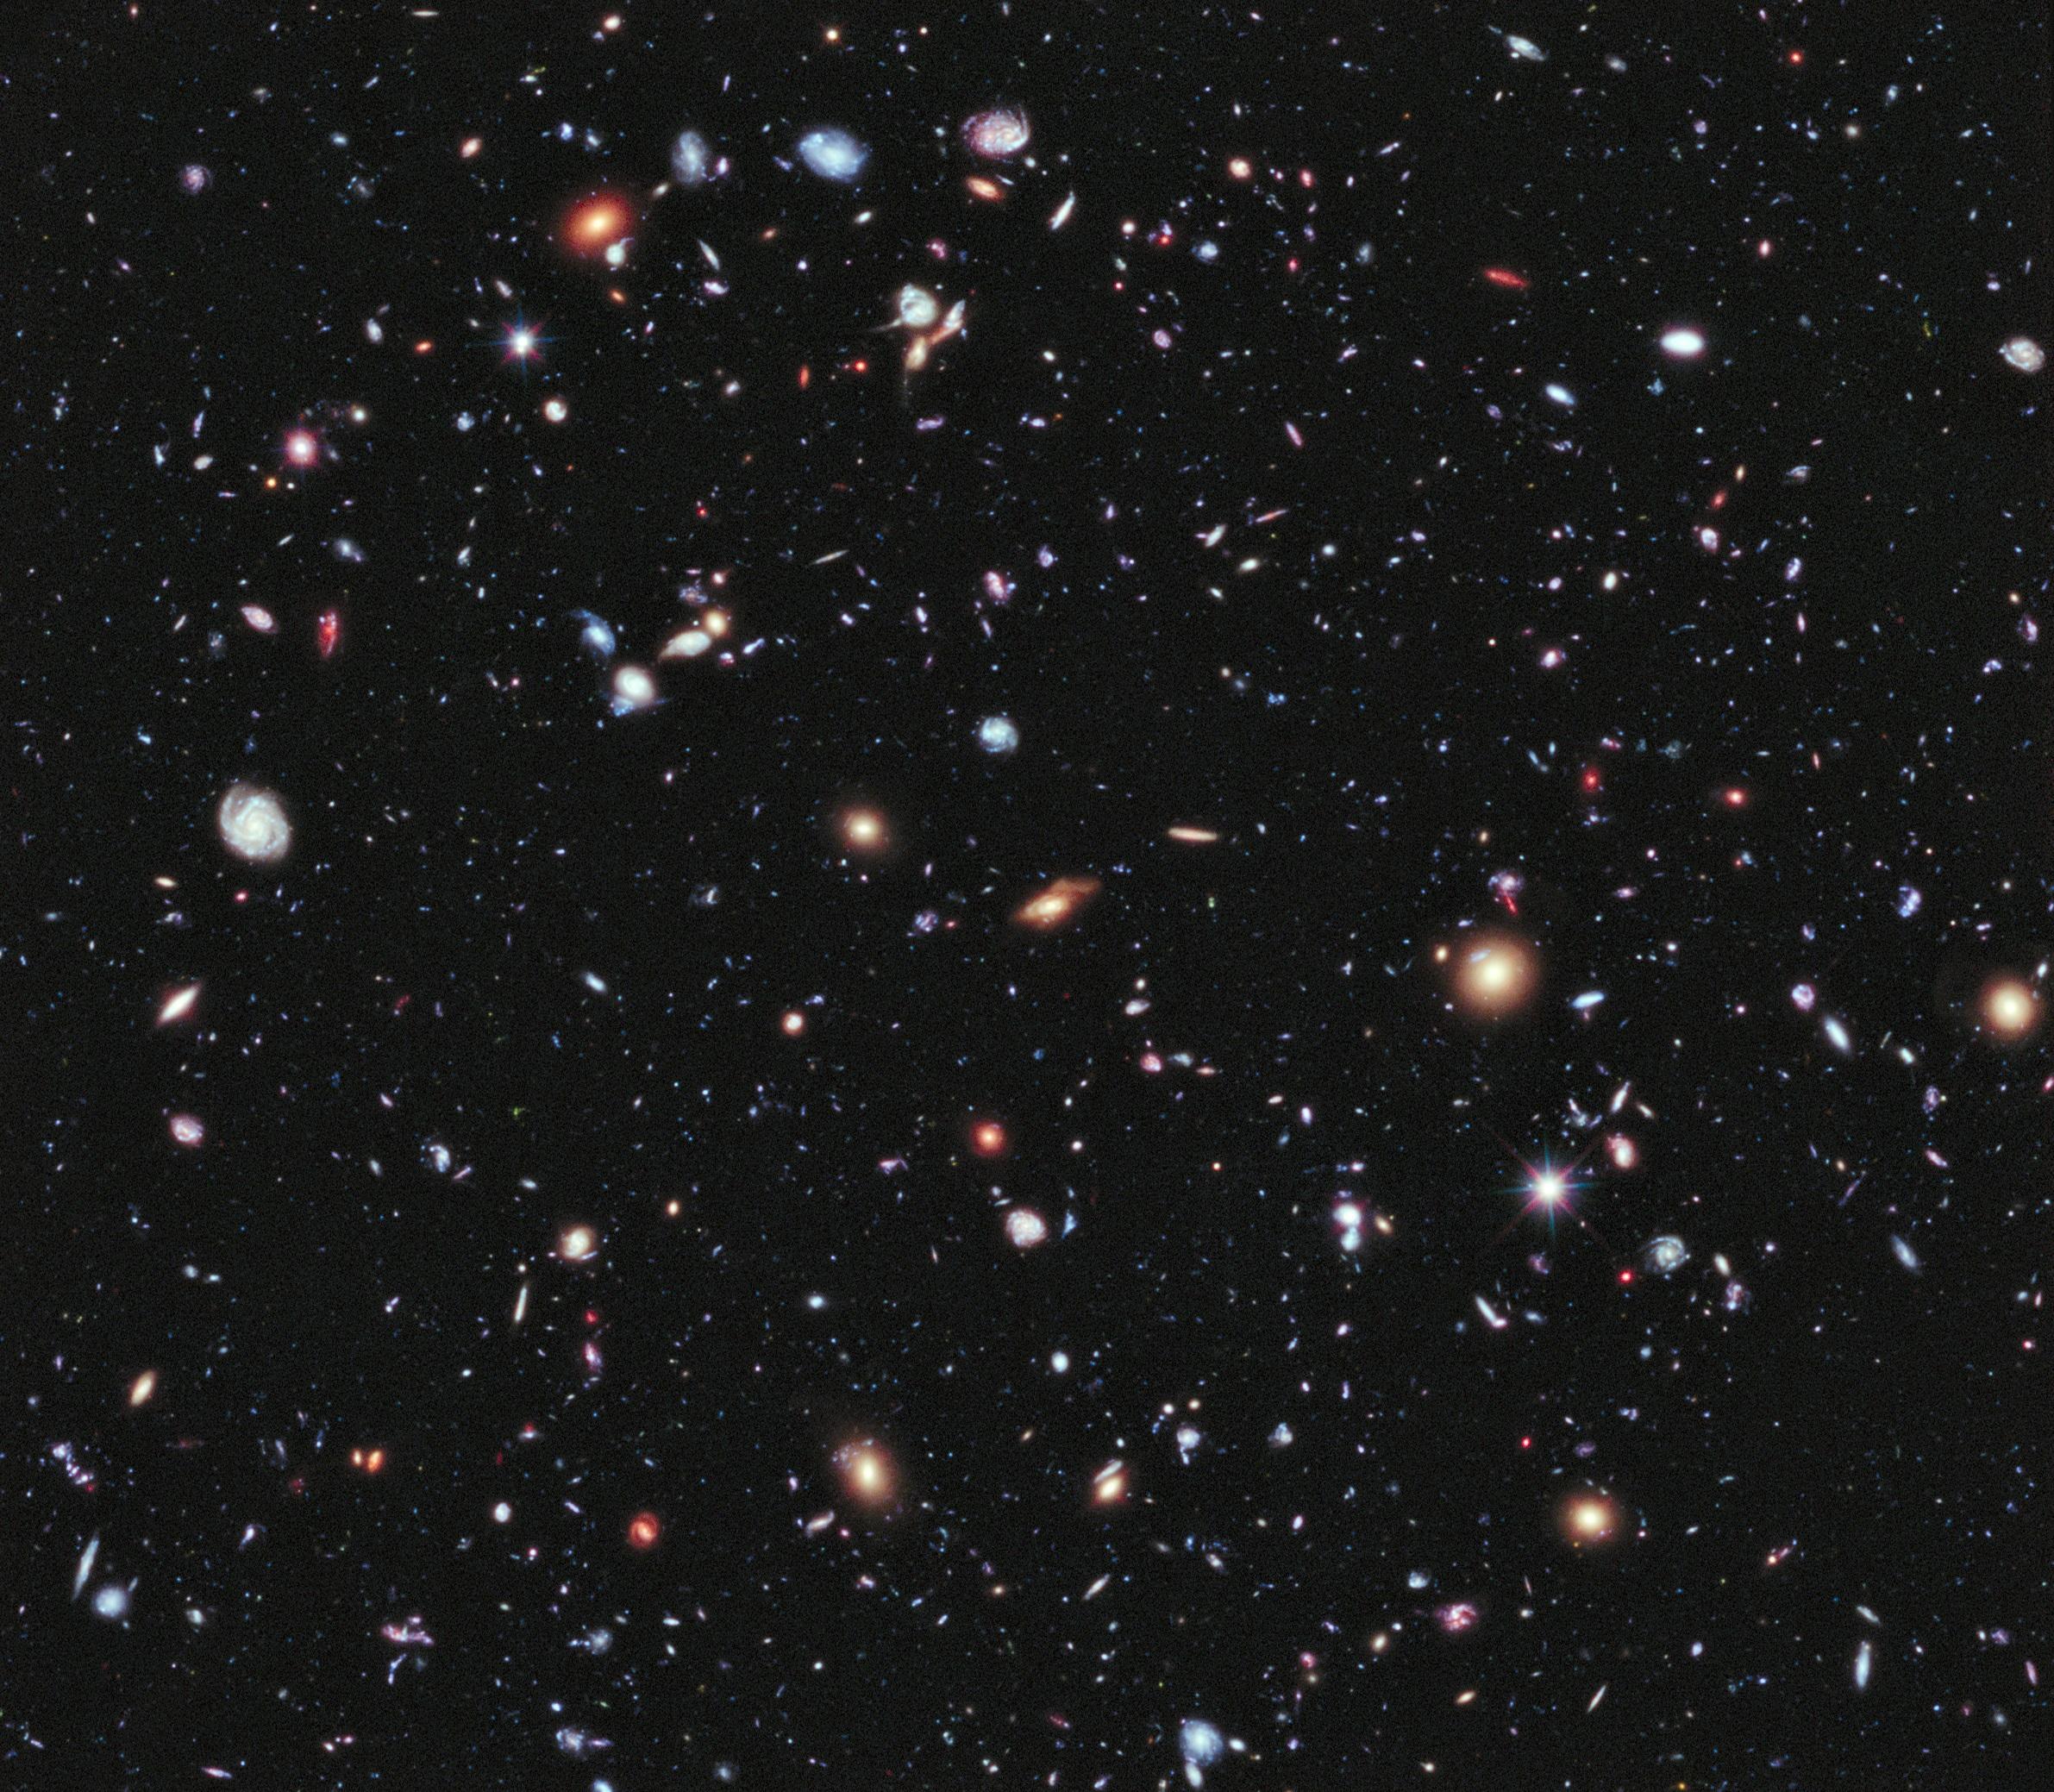 Ekstremalnie Głębokie Pole Hubble'a (eXtreme Deep Field, XDF)